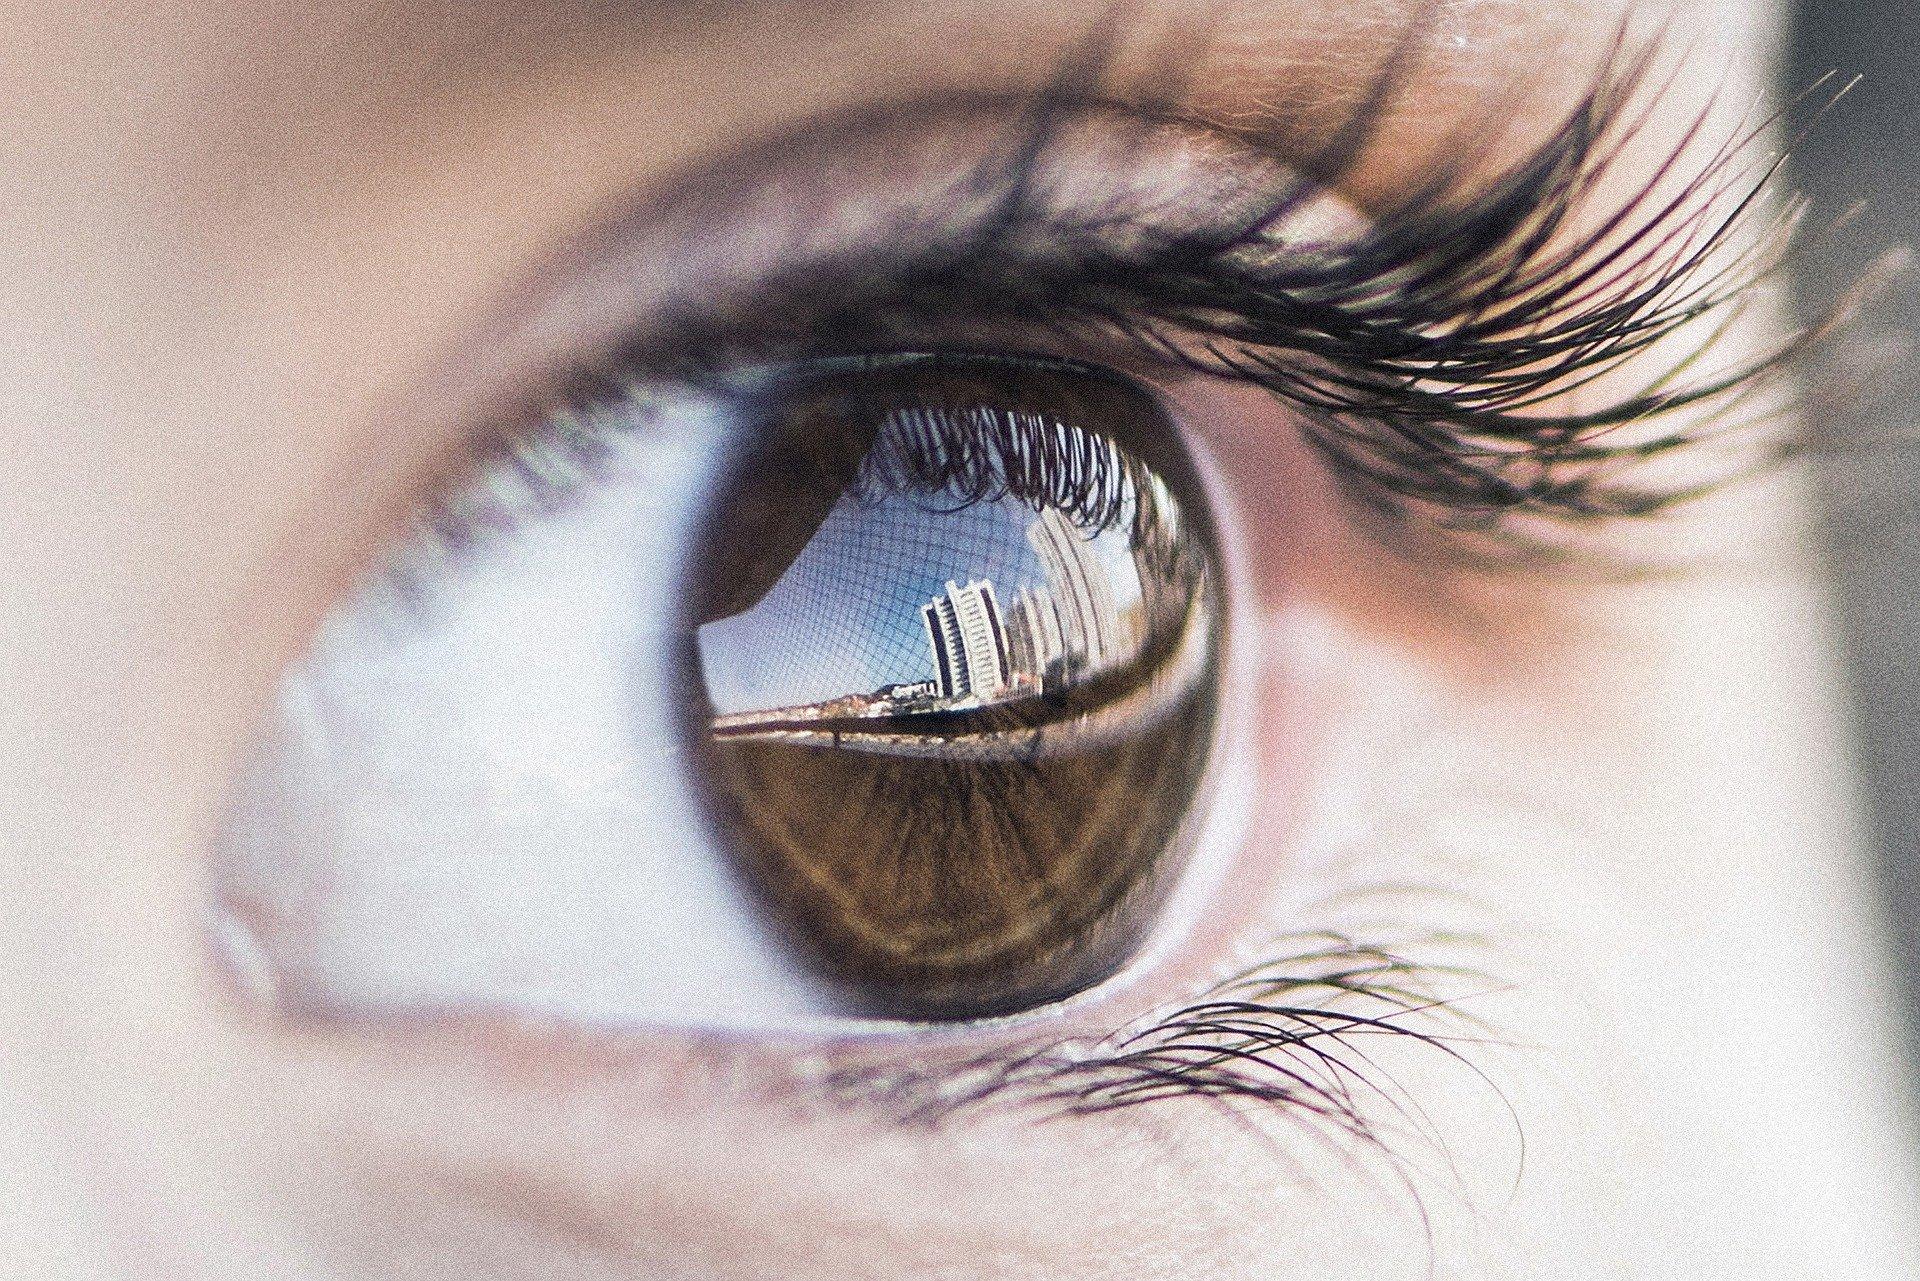 eye-4559763_1920